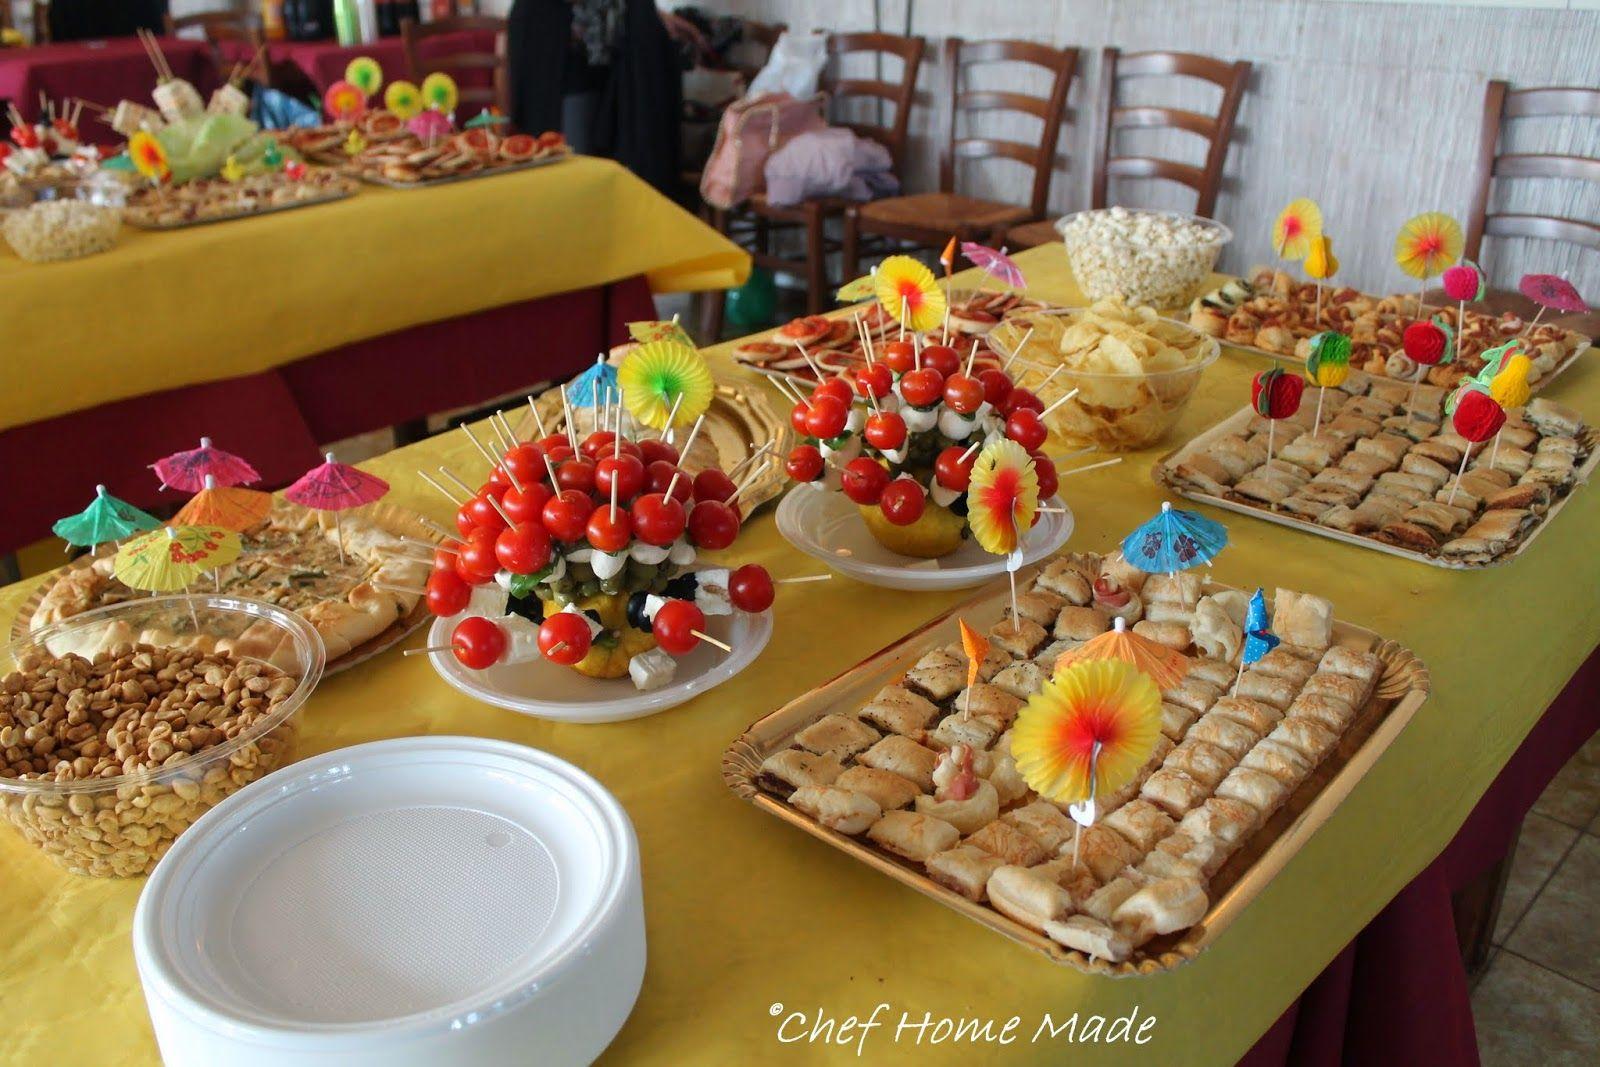 Buffet Natalizio Salato : Buffet salato natalizio come preparare un buffet salato completo